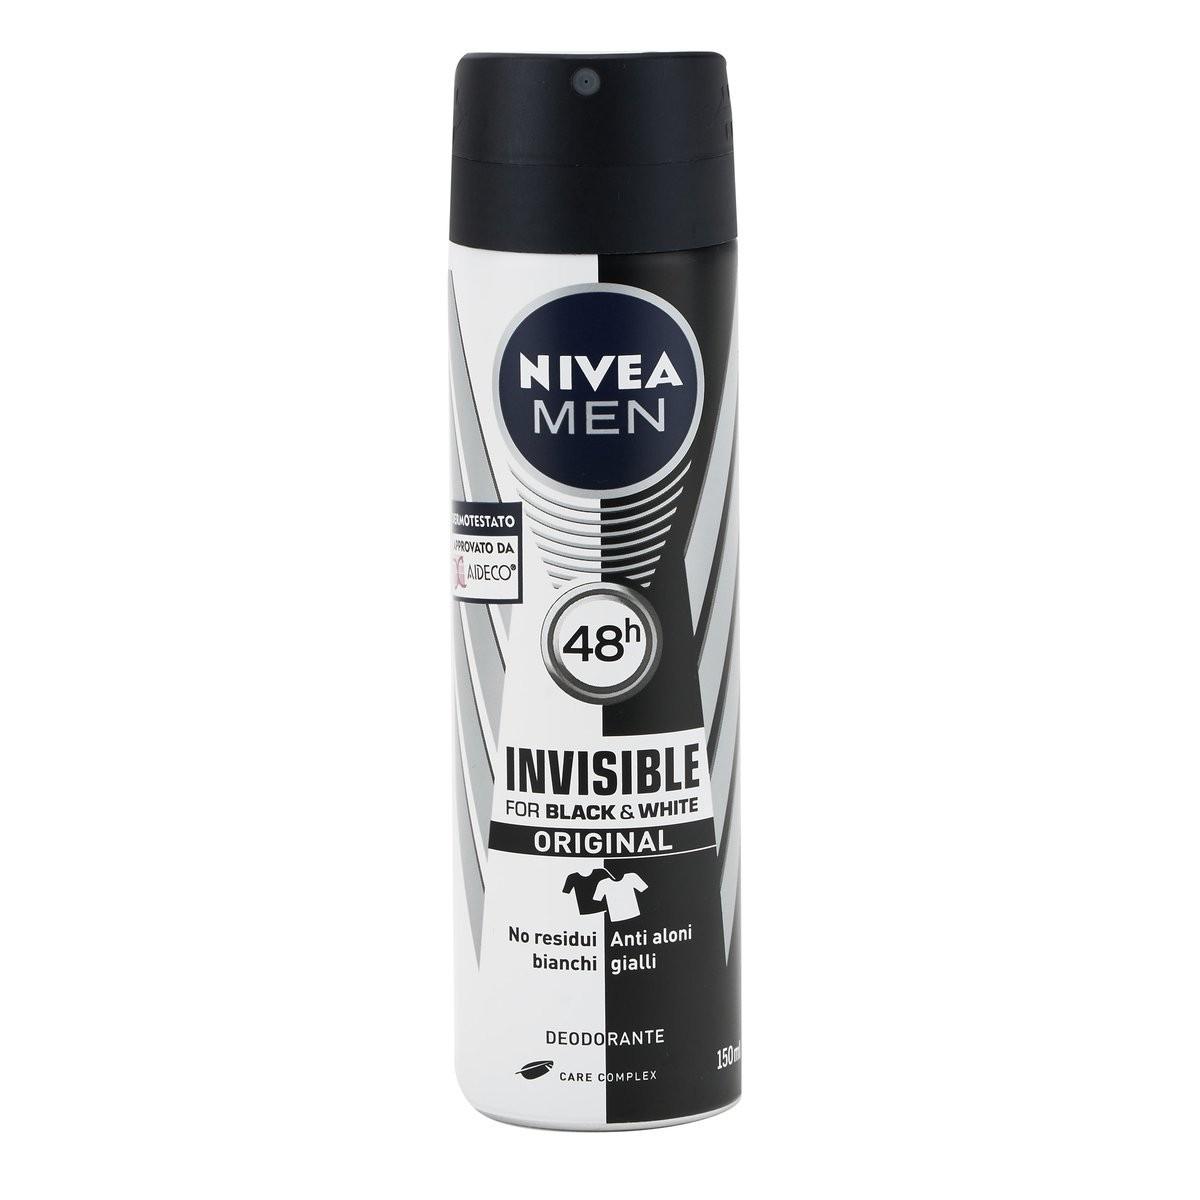 Nivea Men Deodorante spray Invisible Black&White